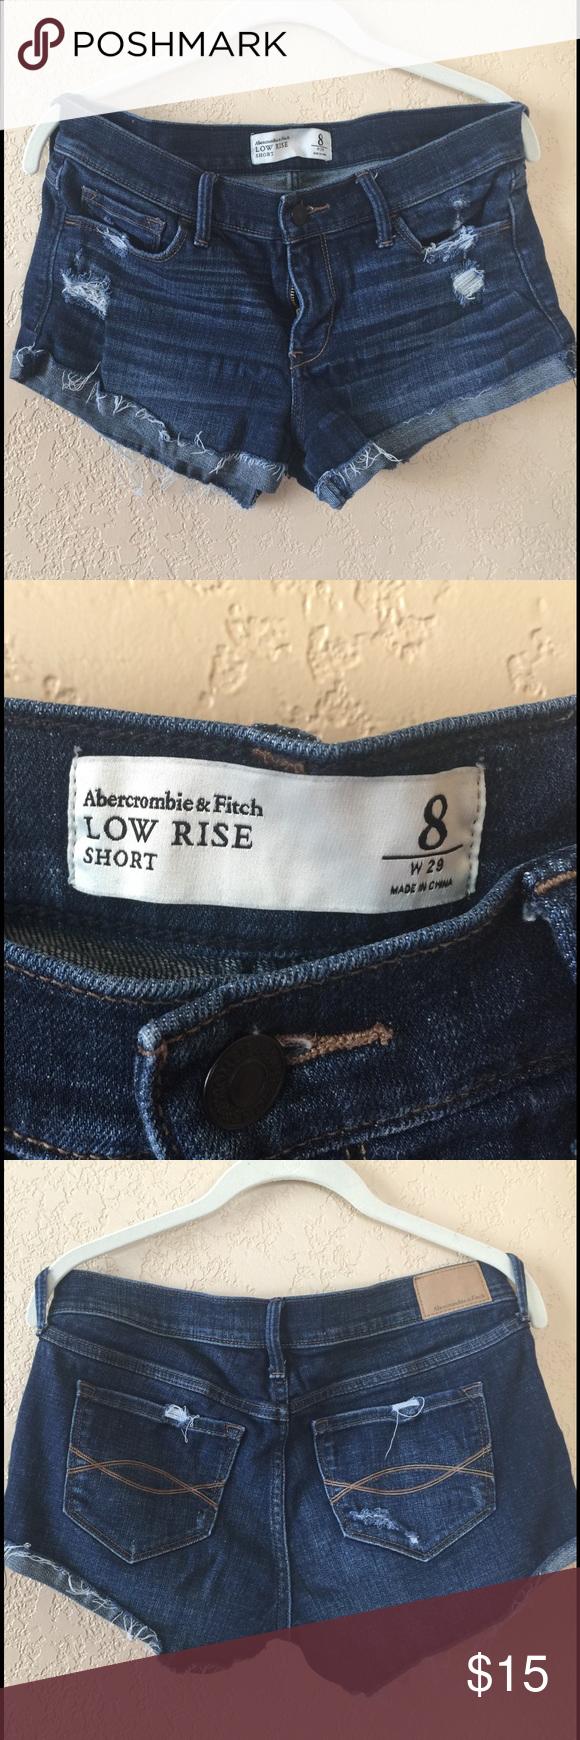 Abercrombie & Fitch Denim Short Abercombie & Fitch Denim short.                                                            Sz 8, Rise 22, L 25, Waist 41, Hips 45 Measurement are approximate. Abercrombie & Fitch Shorts Jean Shorts